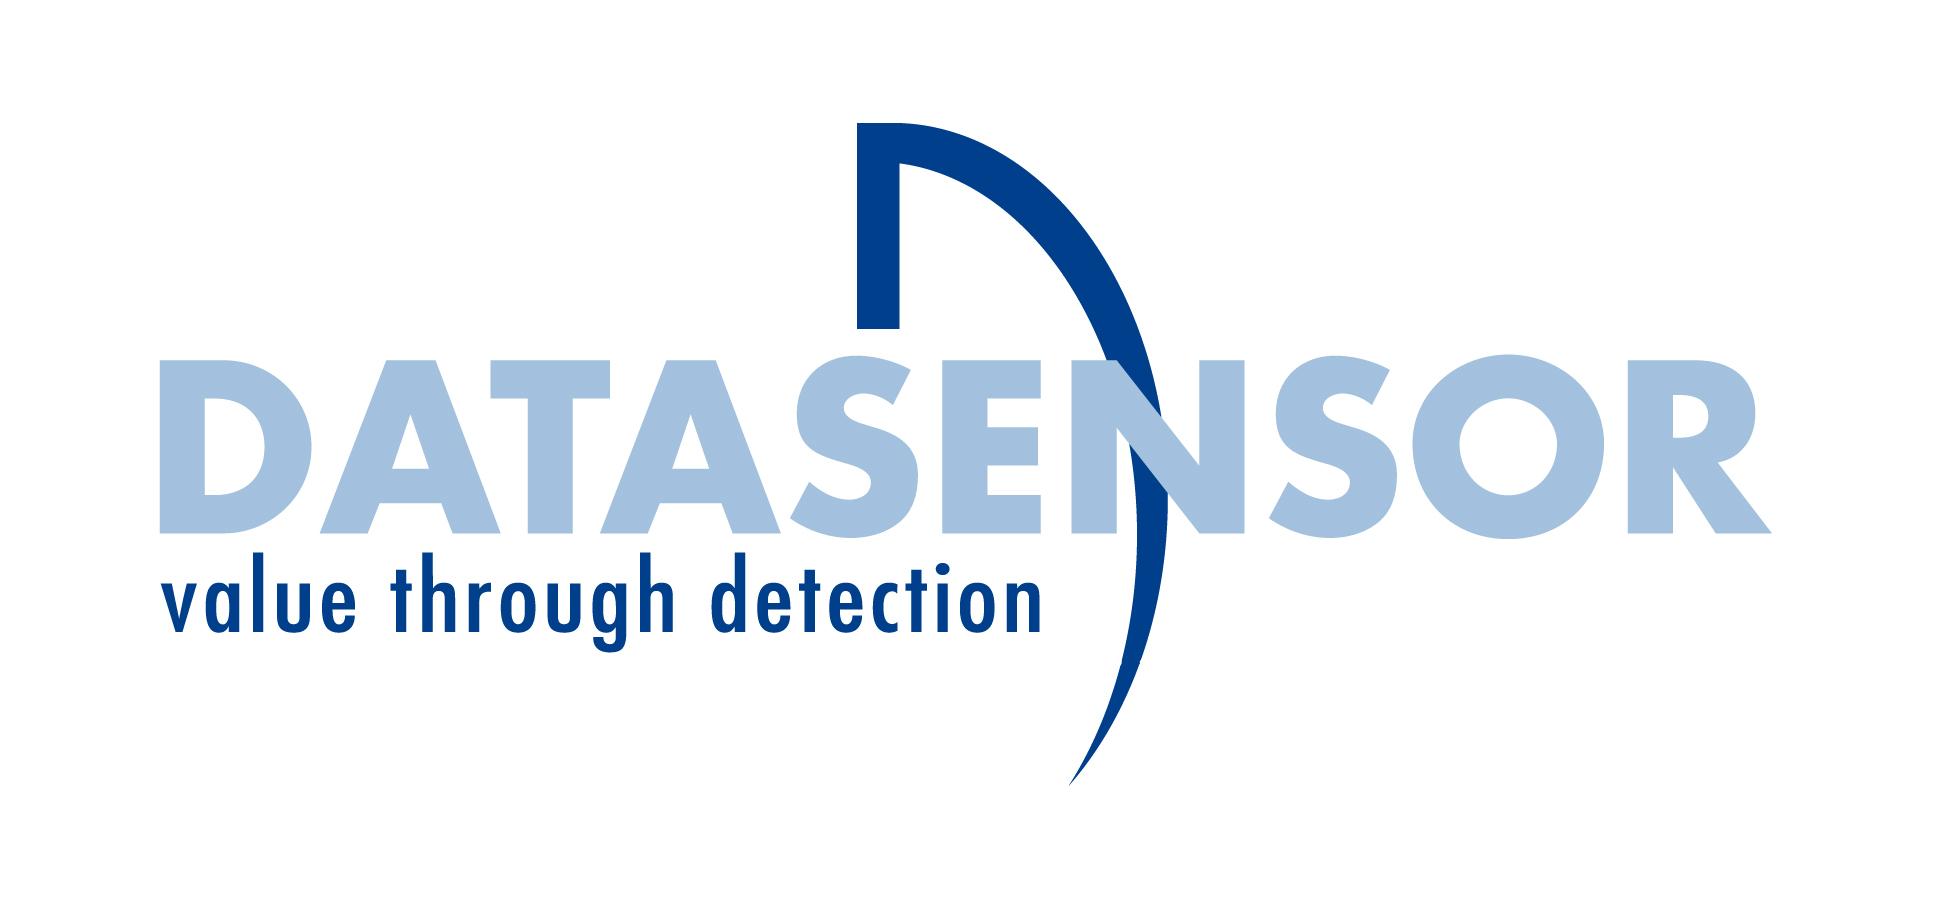 Datasensor